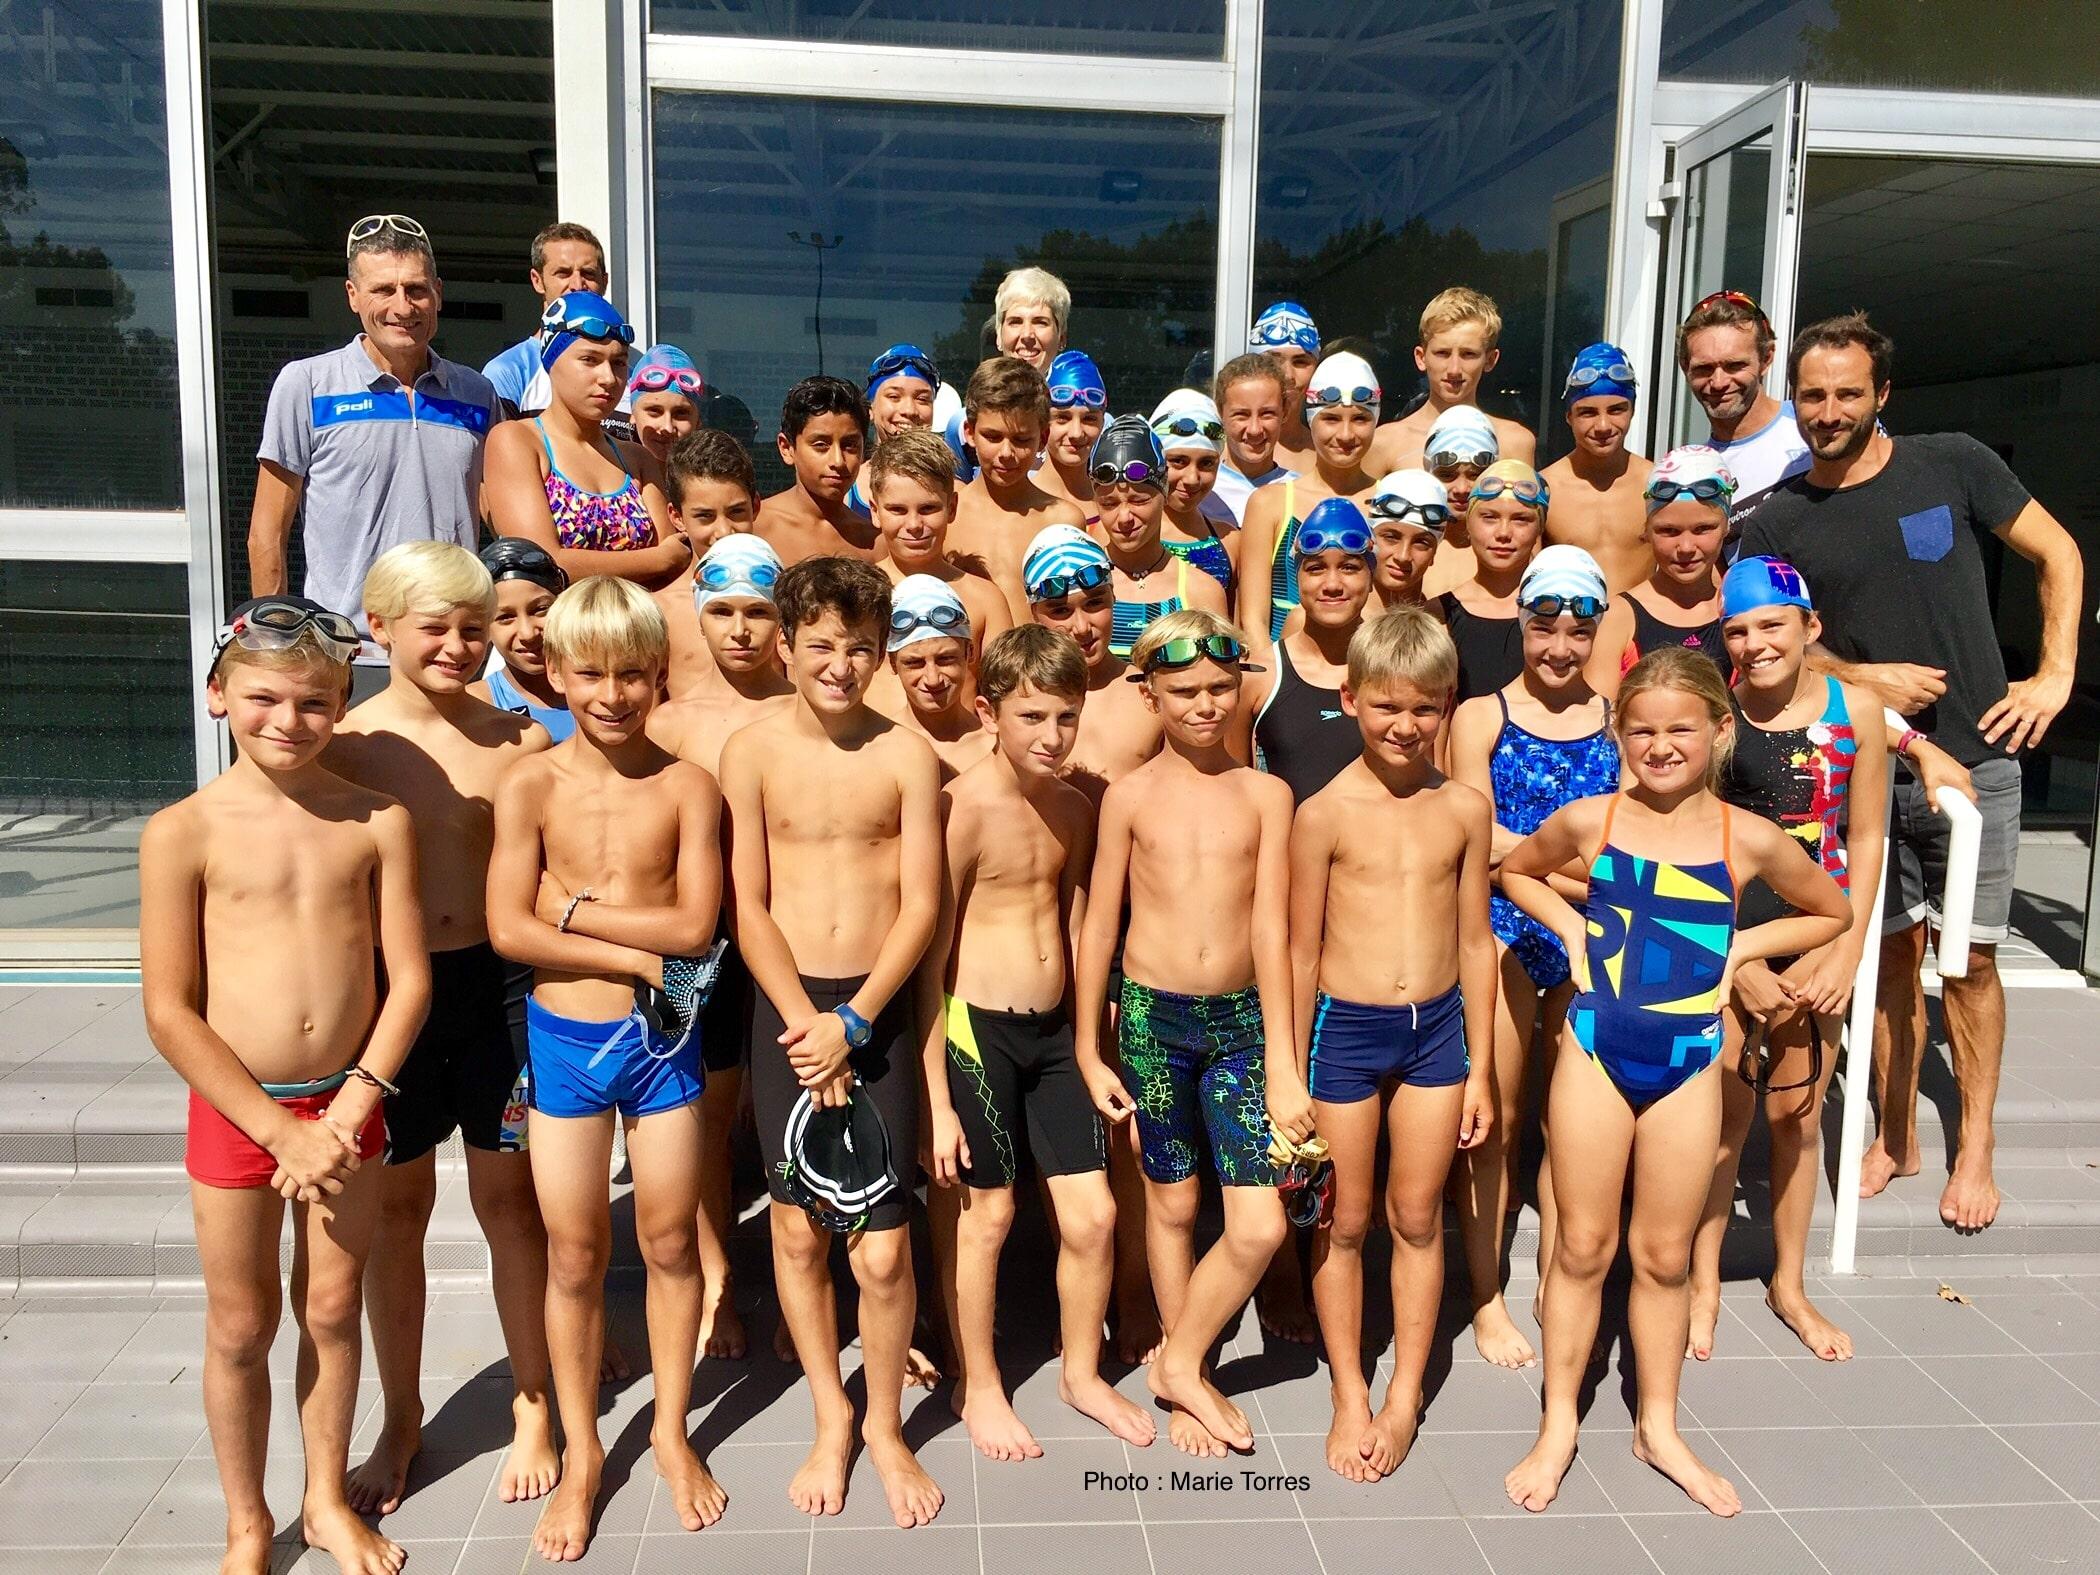 L'Aviron Bayonnais triathlon, un club formateur bien organisé